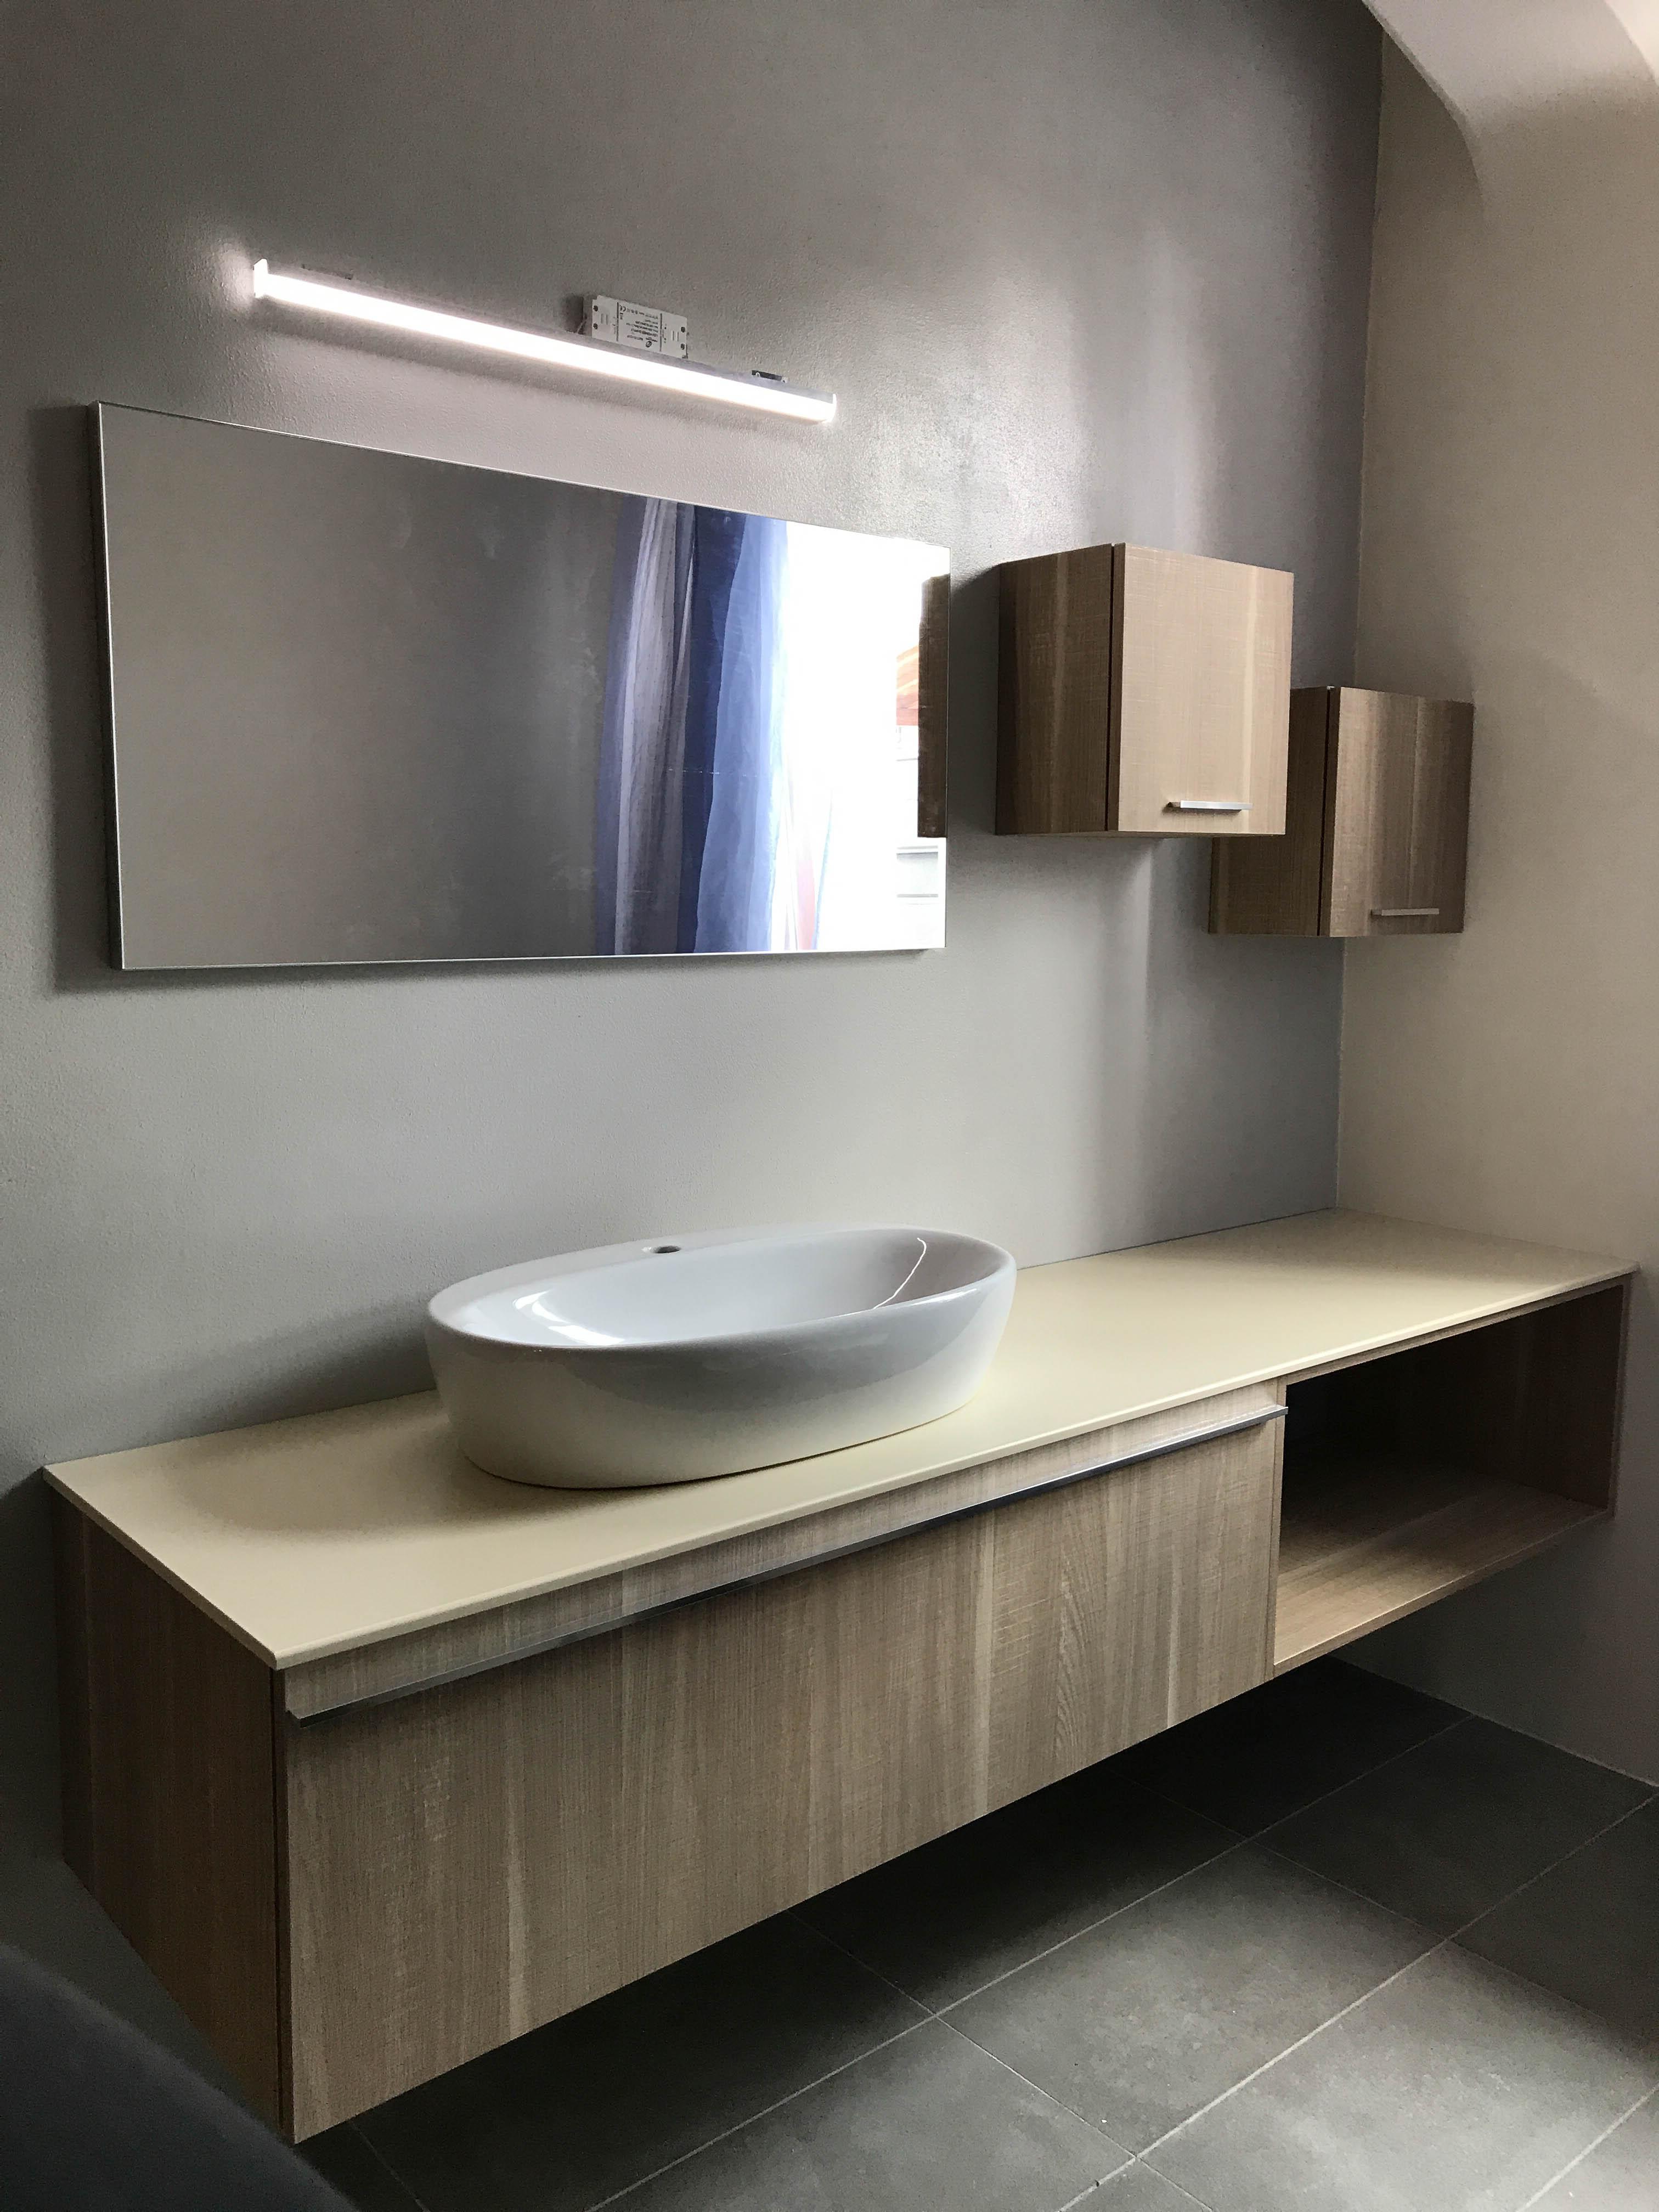 Arredo bagno arredamento brescia creazione d 39 interni for Arredo bagno milano aperto domenica